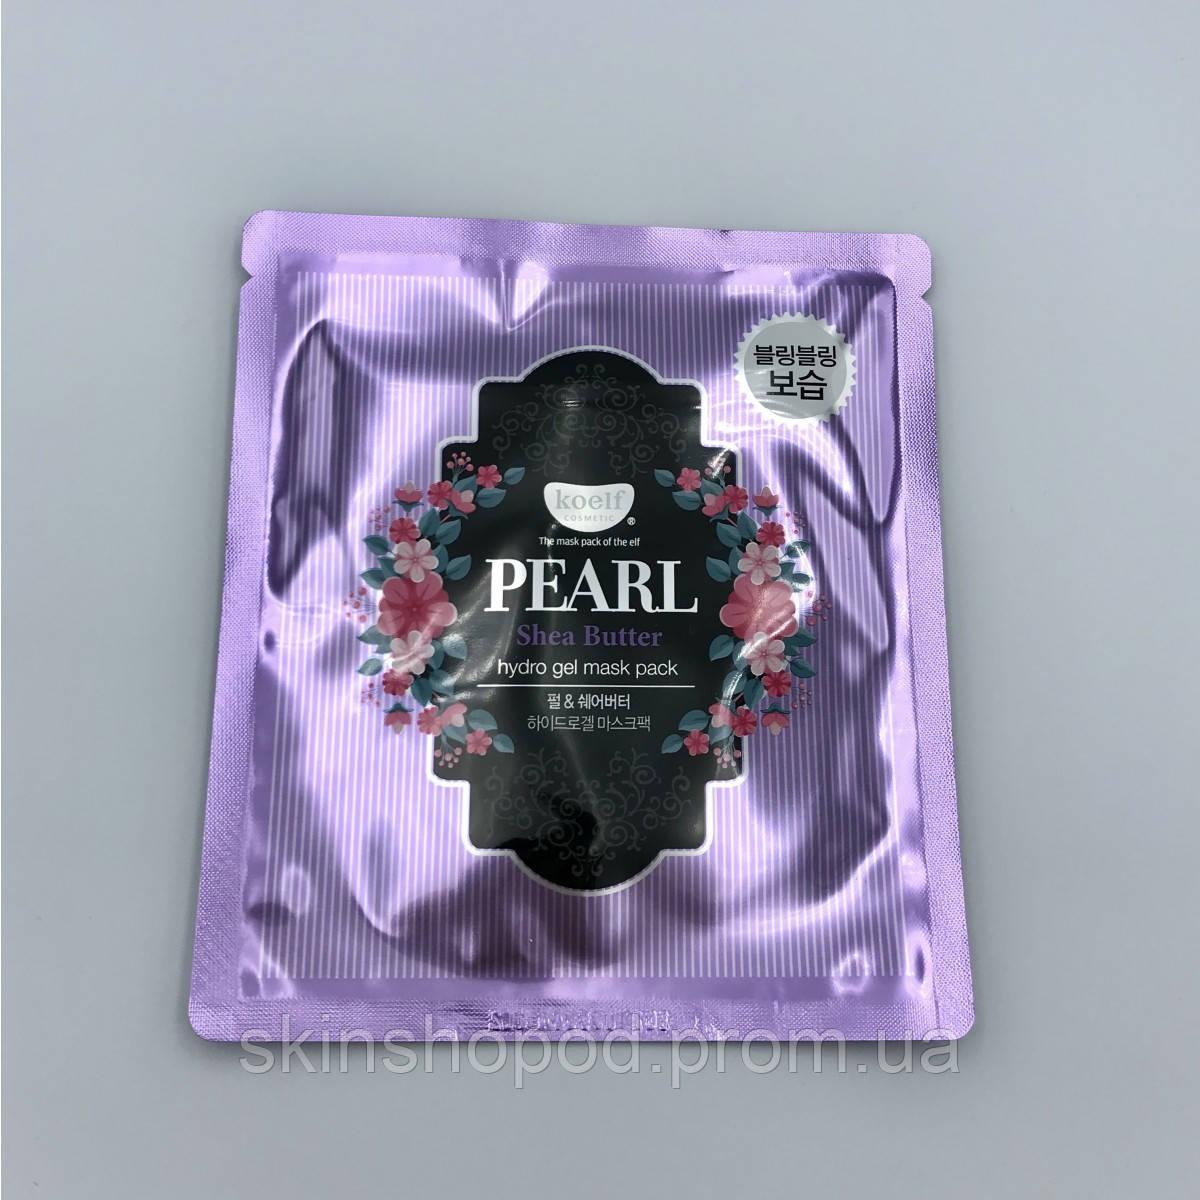 Гидрогелевая маска с маслом ши и жемчугом Koelf Hydrogel Mask Pack Pearl & Shea Butter - 30 г